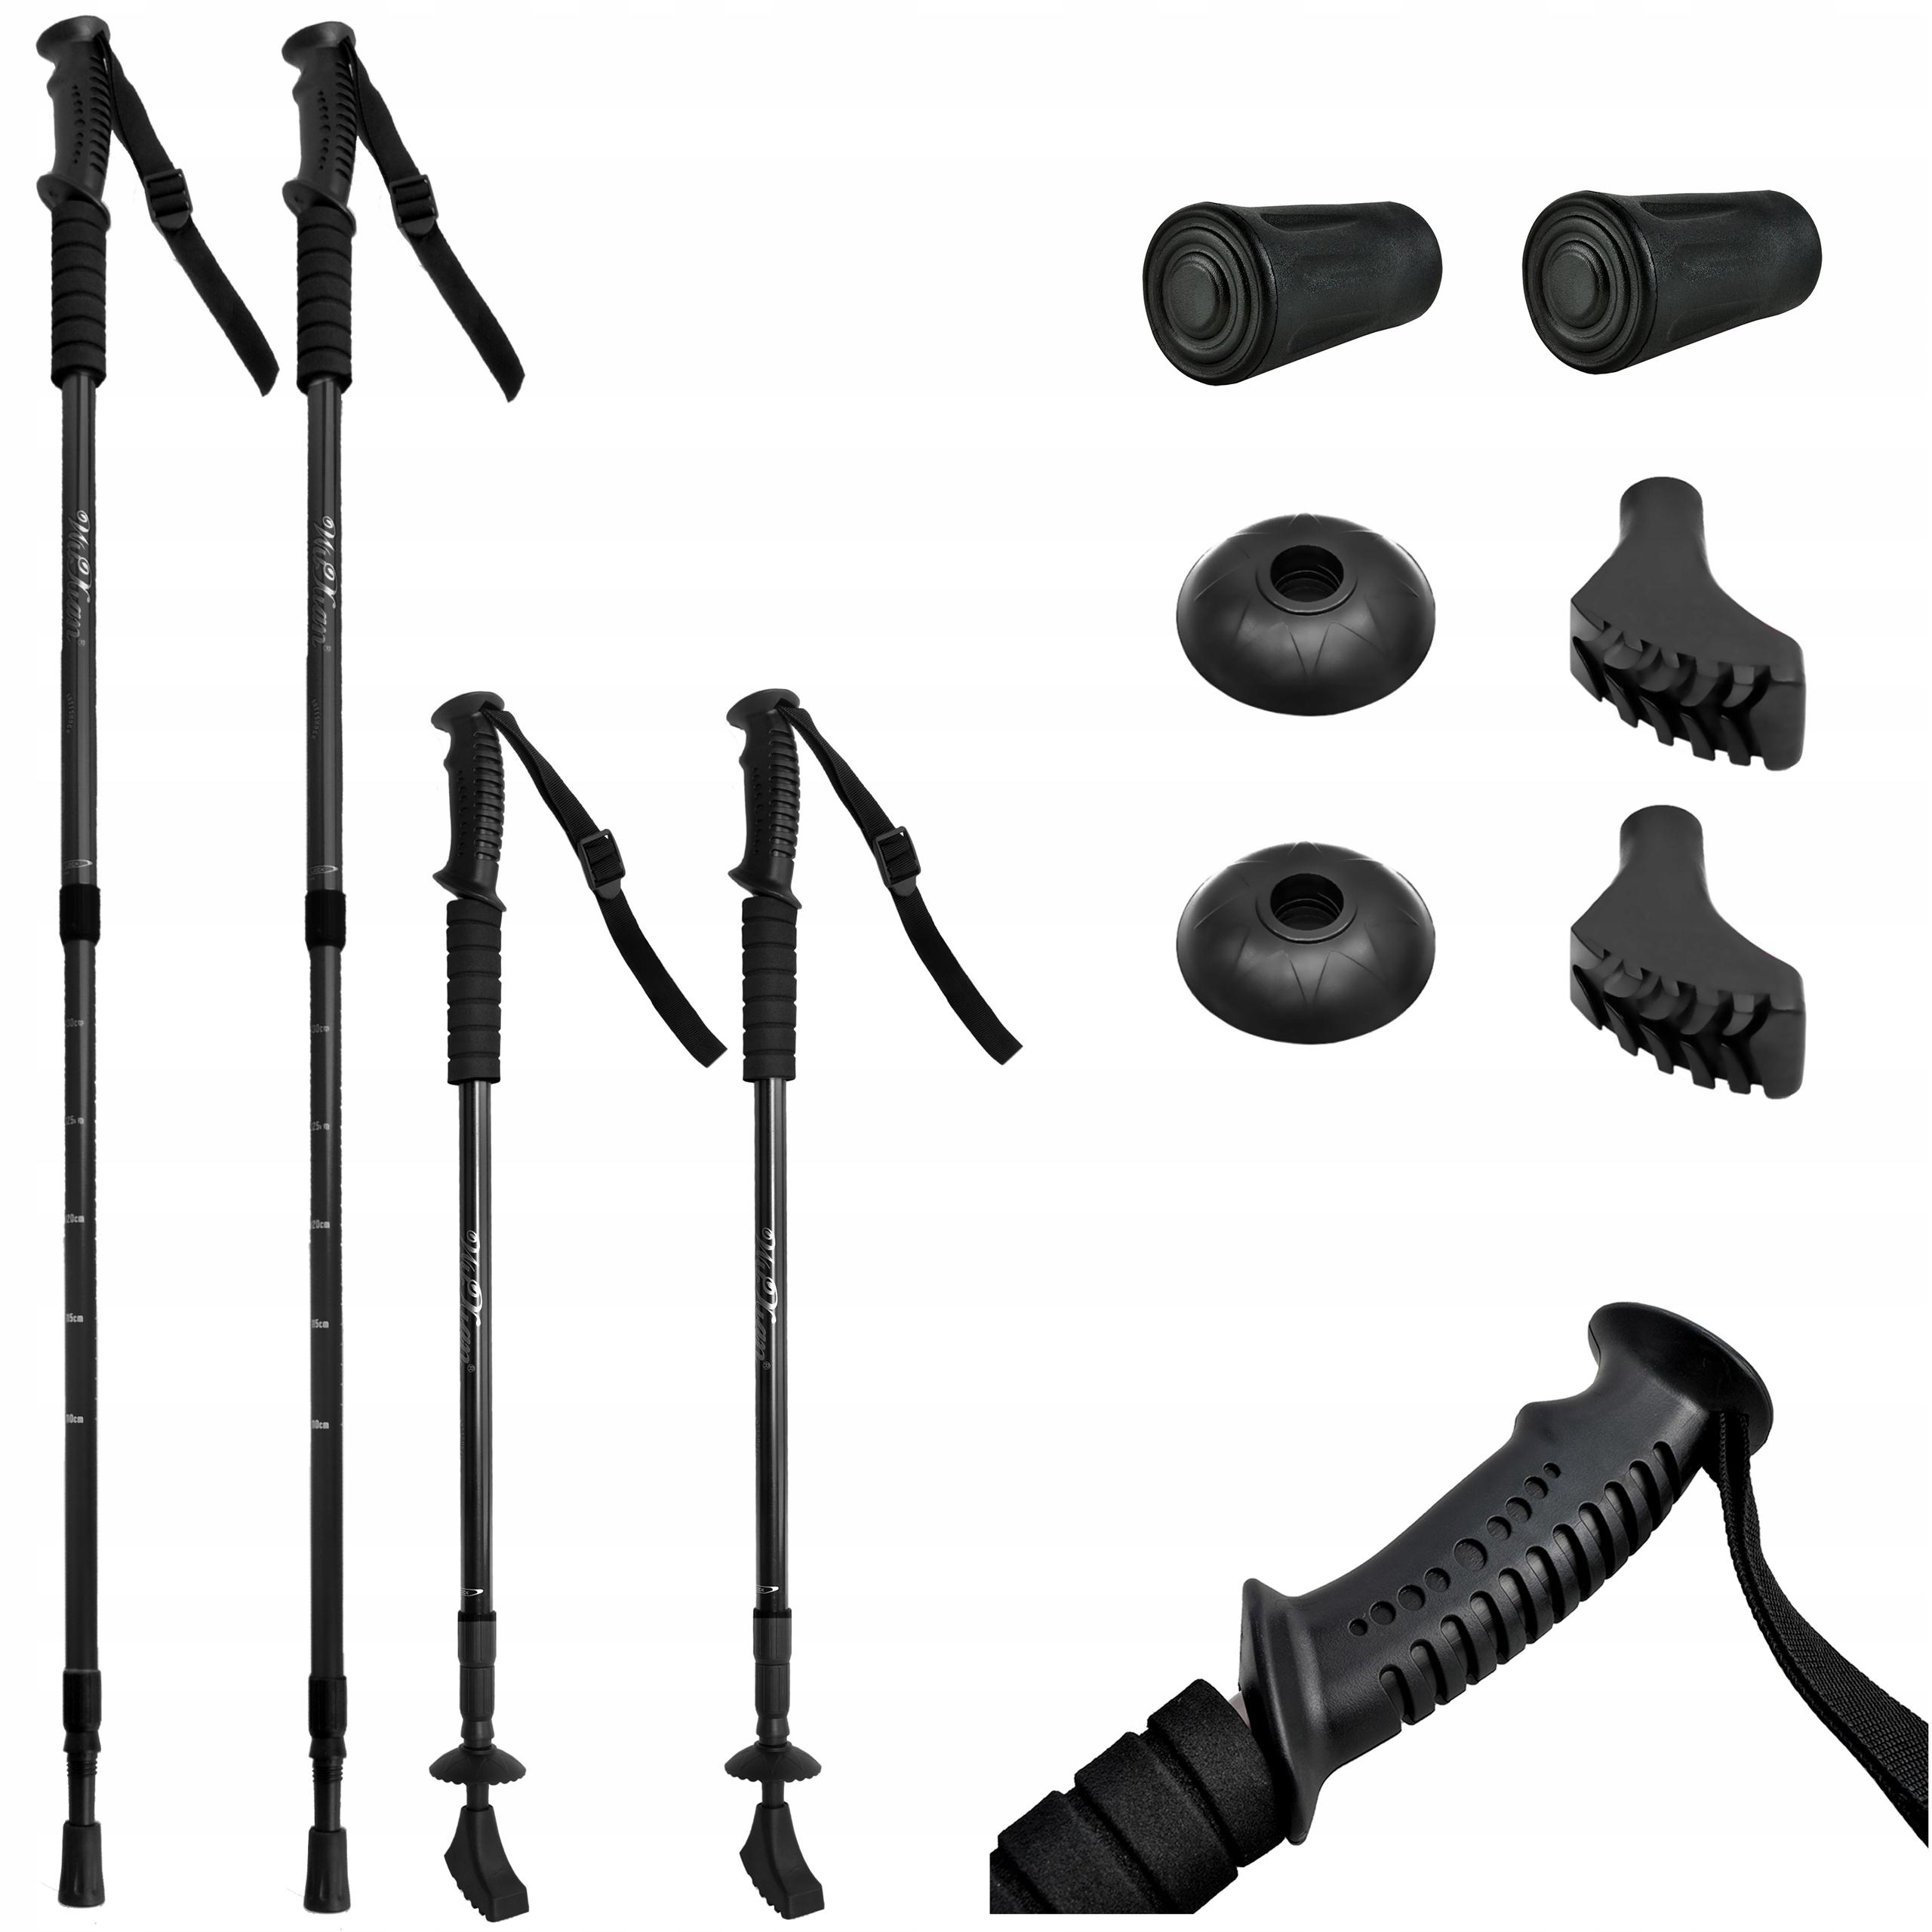 Набор палок для северной ходьбы с черными наконечниками